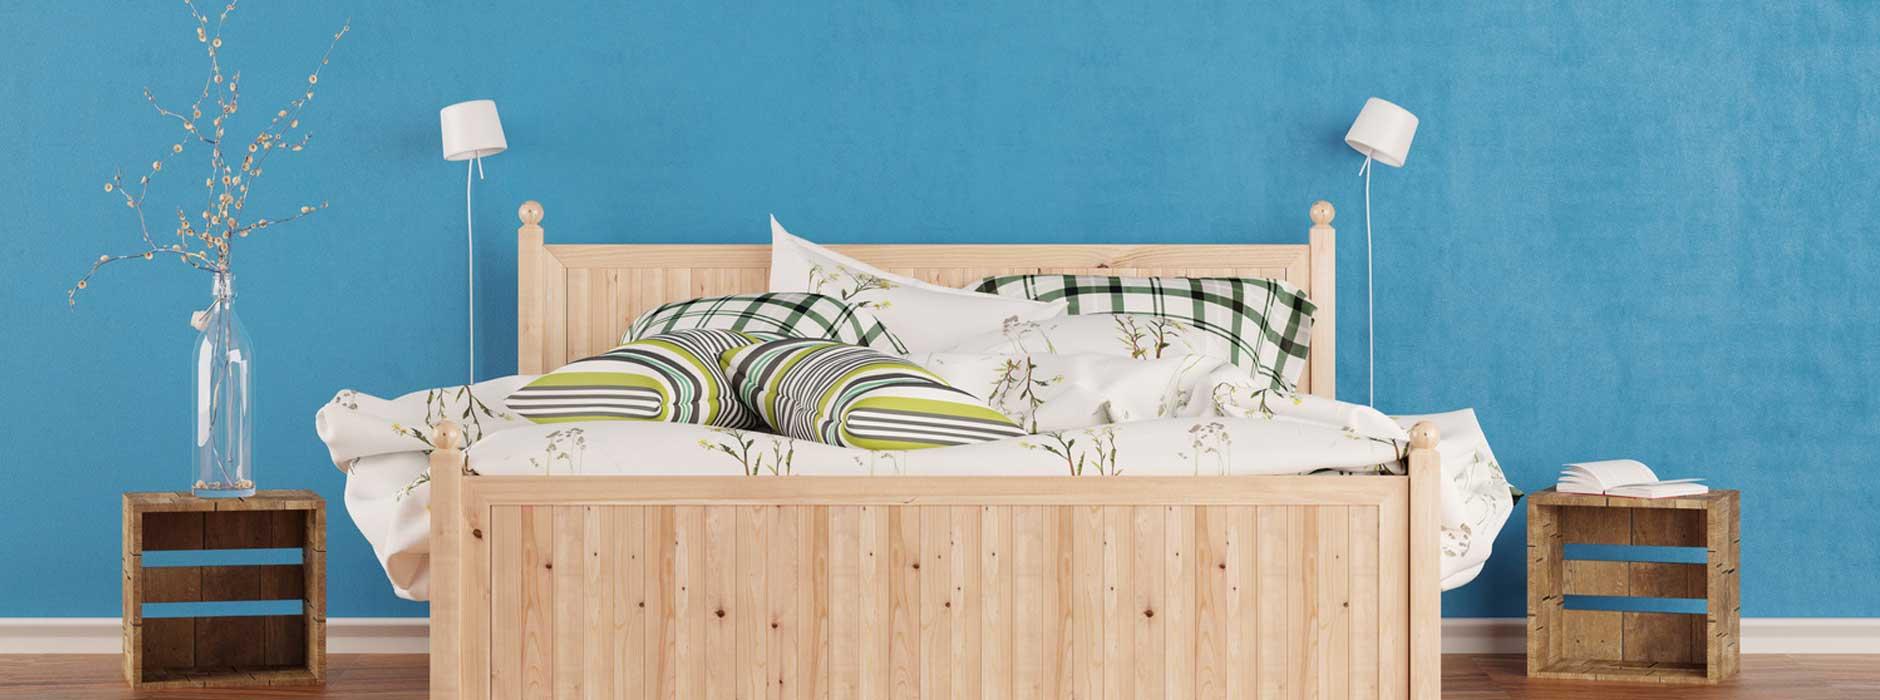 die eigene wohnung an ferieng ste vermieten was sie wissen sollten ratgeber magazin tipps. Black Bedroom Furniture Sets. Home Design Ideas